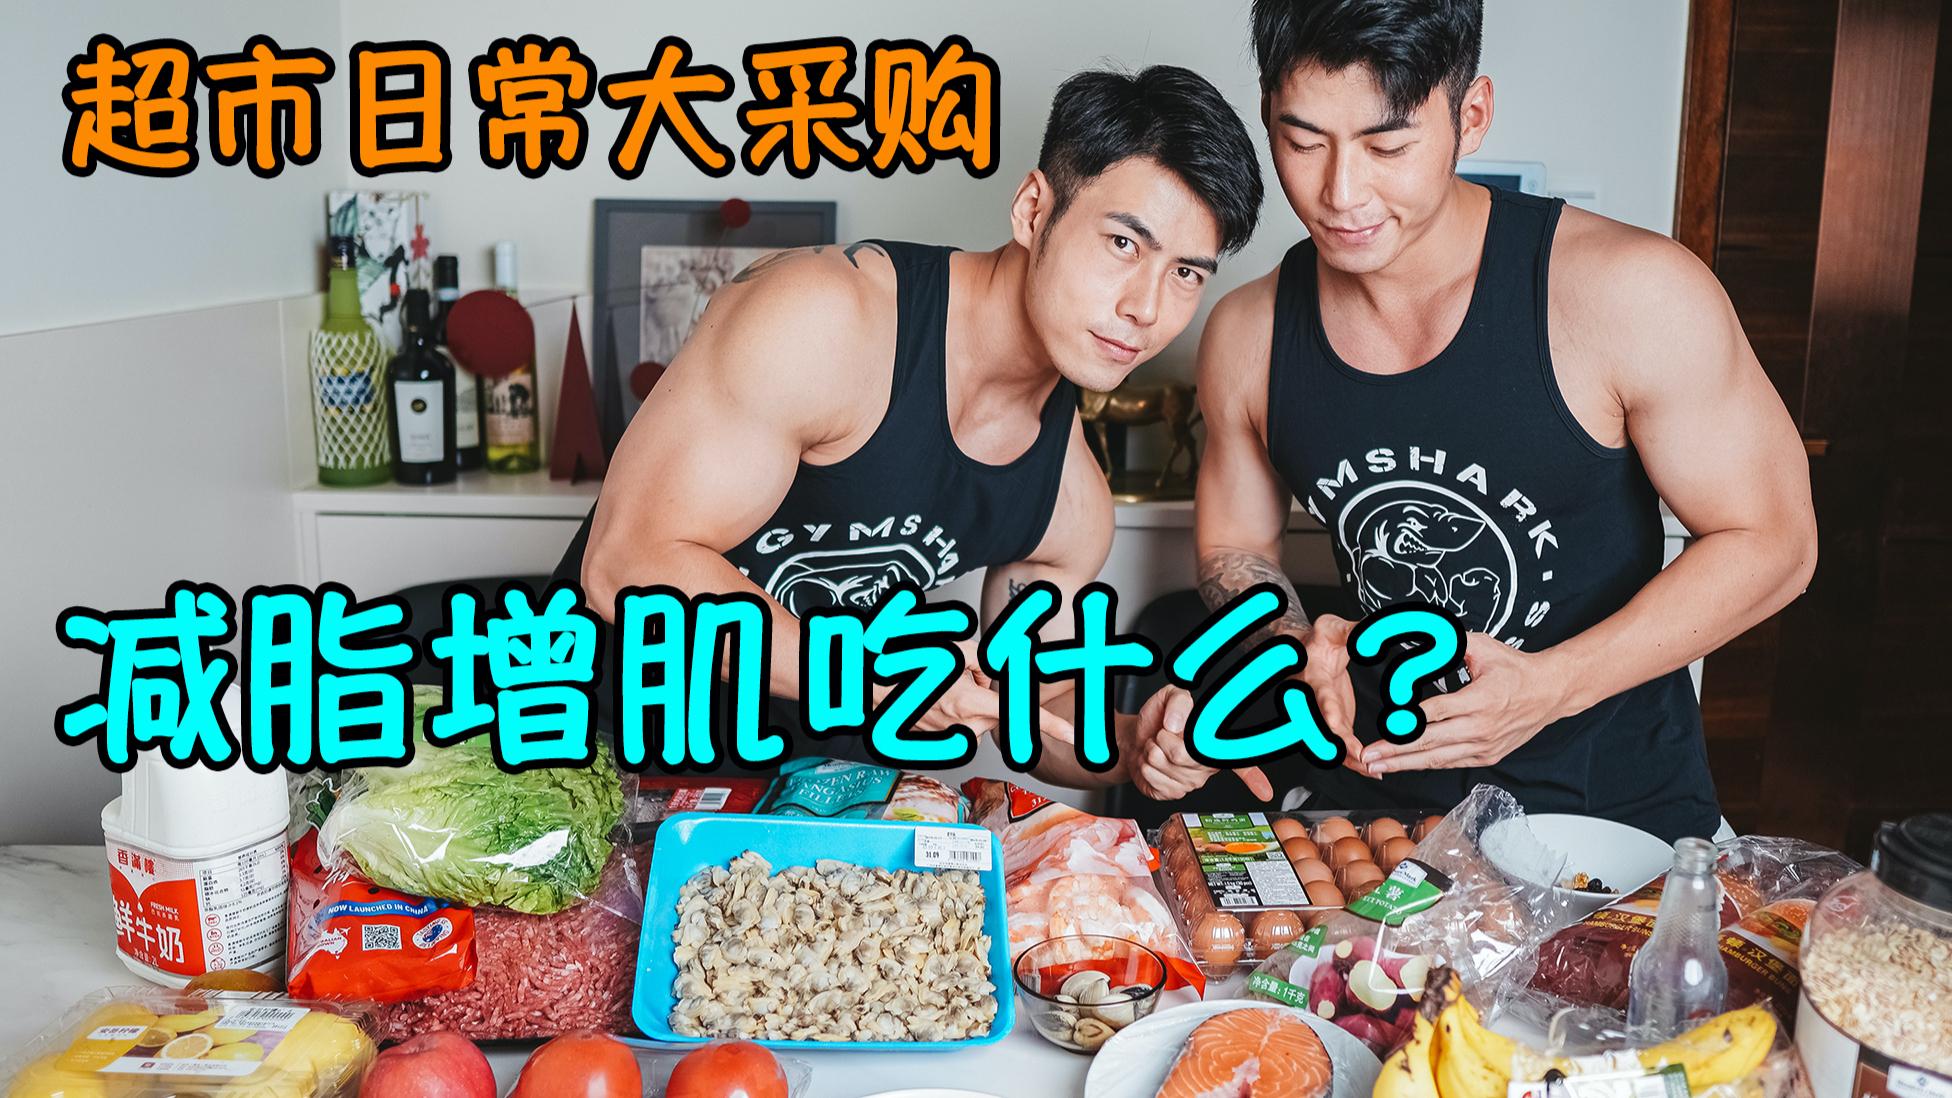 【如何吃出好身材?!】-健身党超市怎么选择健康实惠的食材?| 必须要认识的六大营养元素